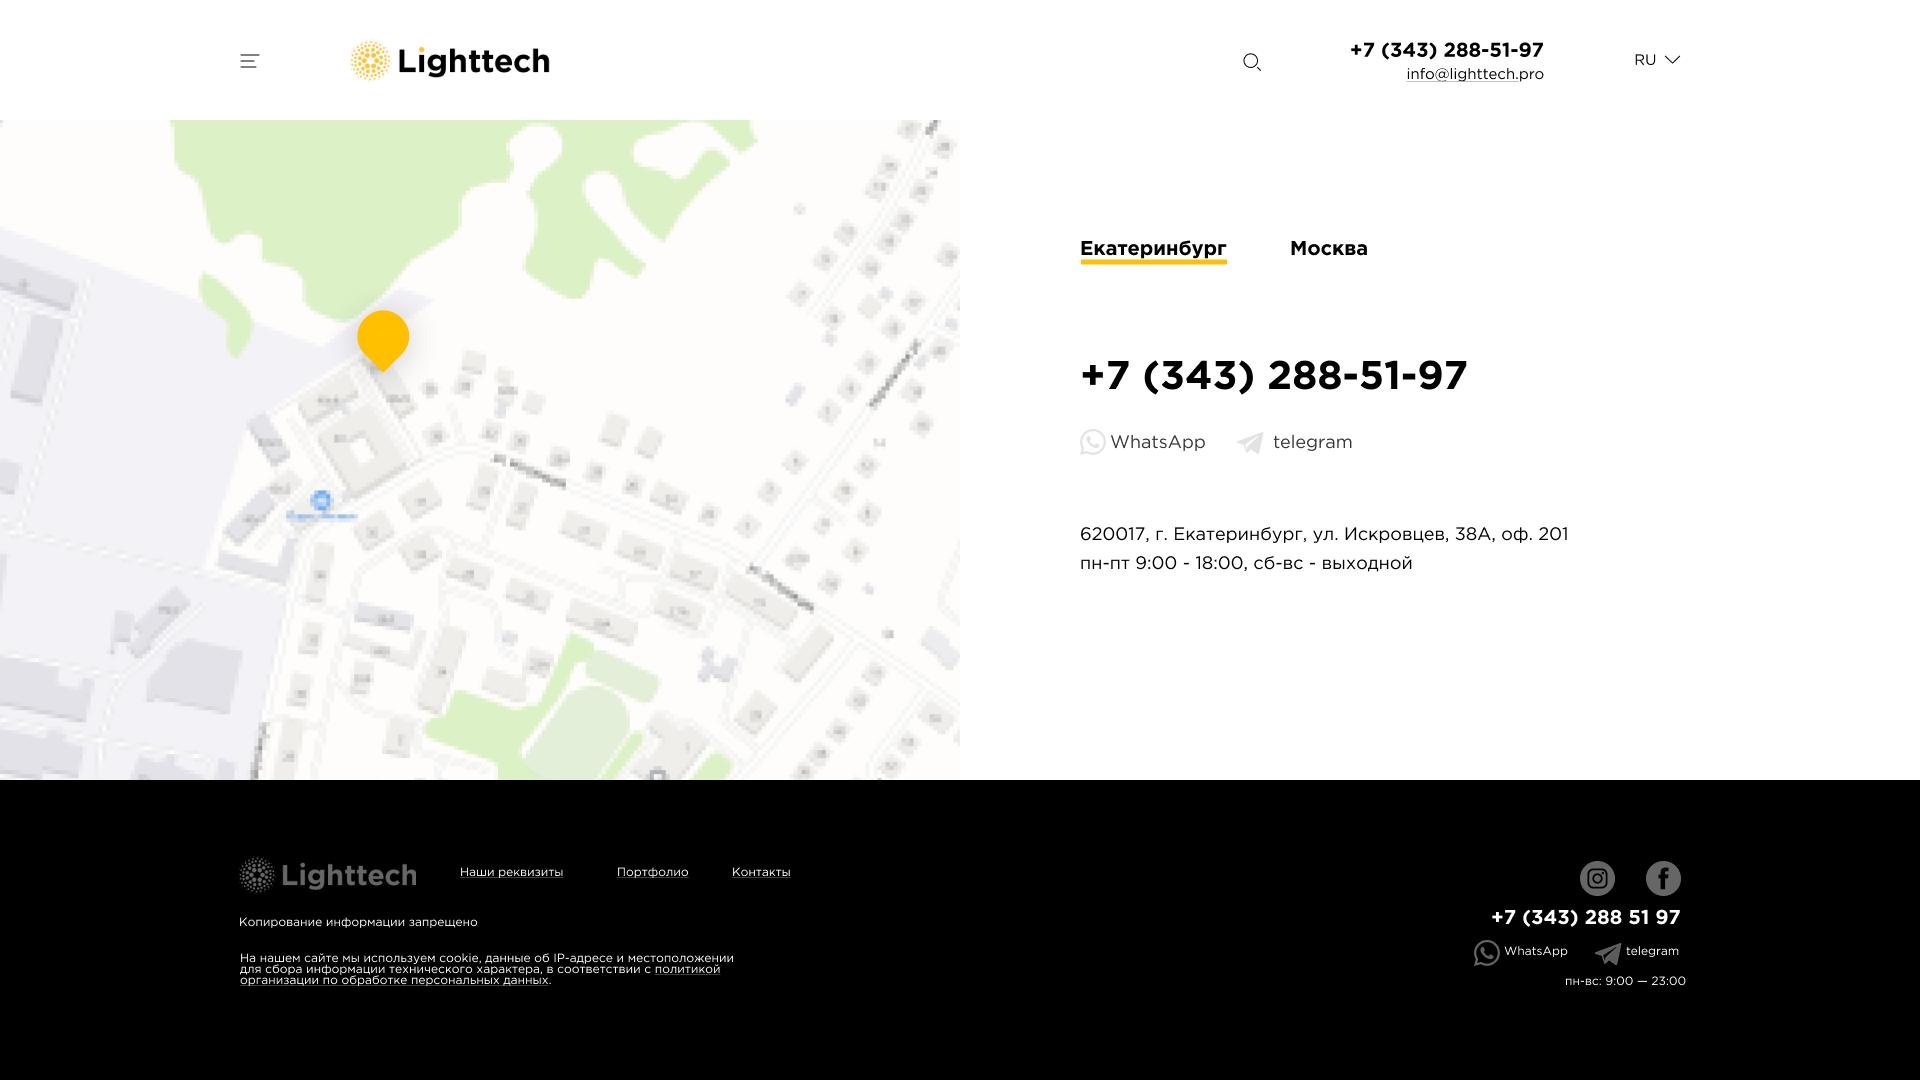 lighttech_contact.png